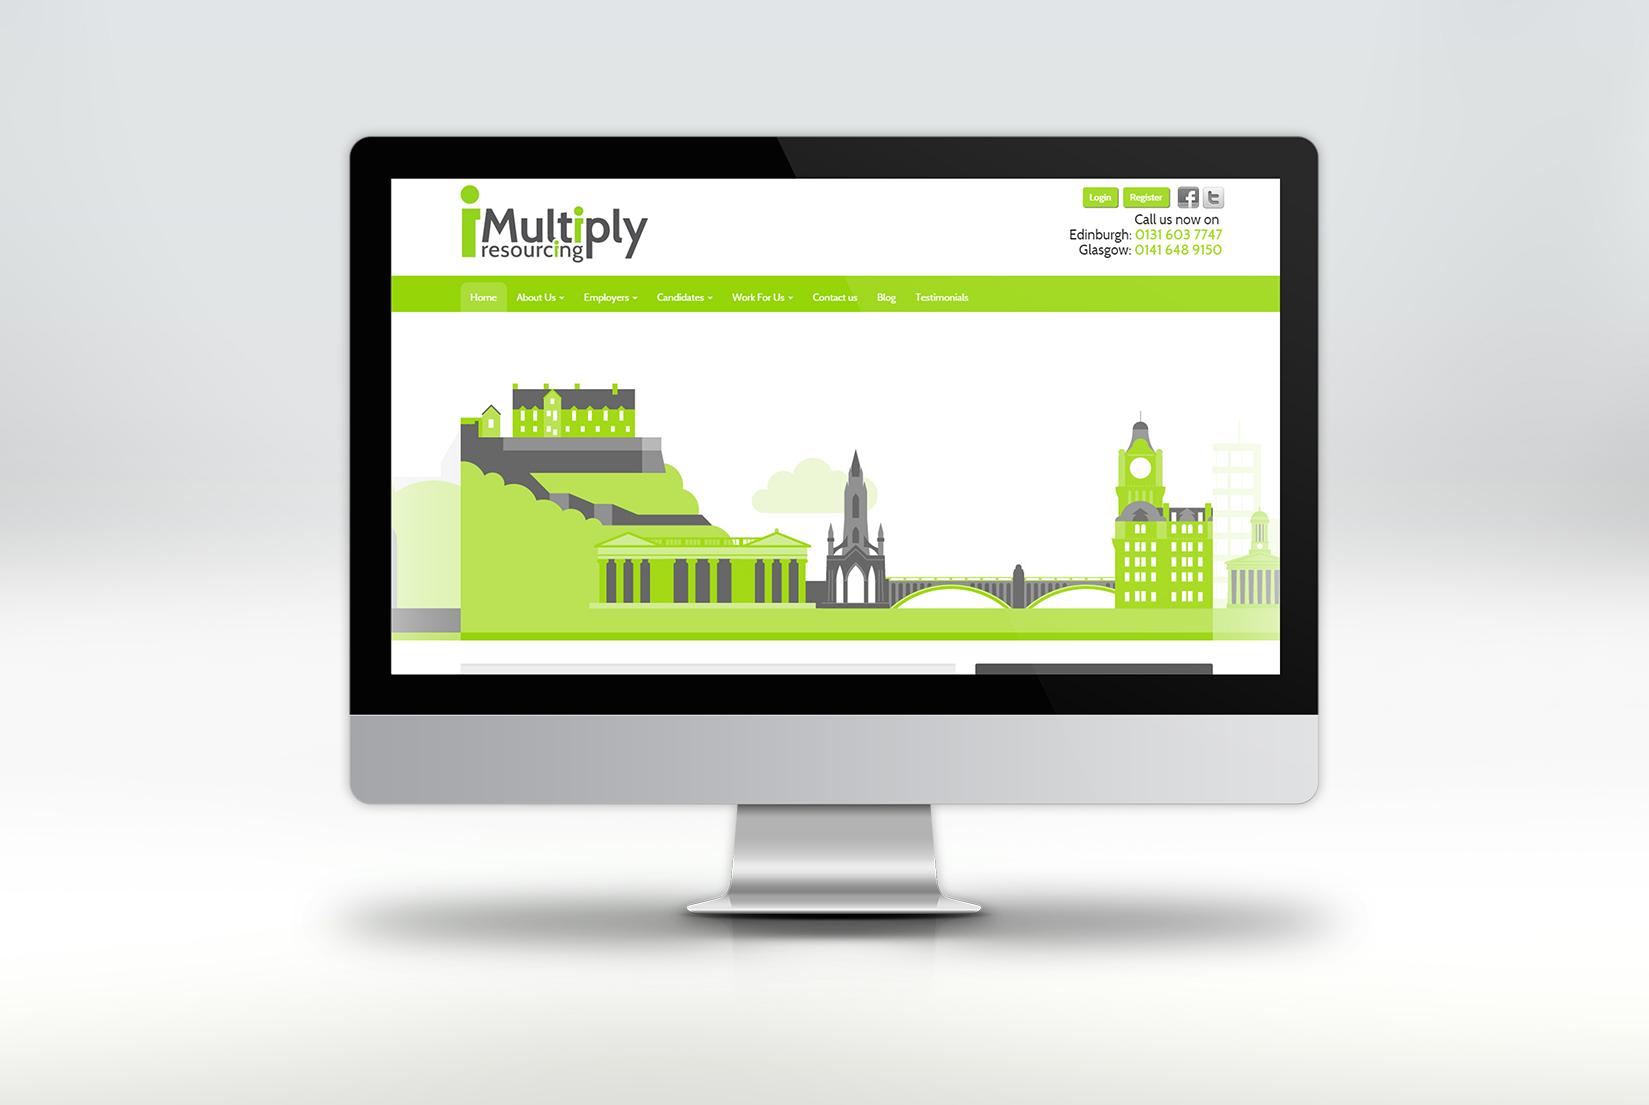 imultiply-illustrations-design7.jpg